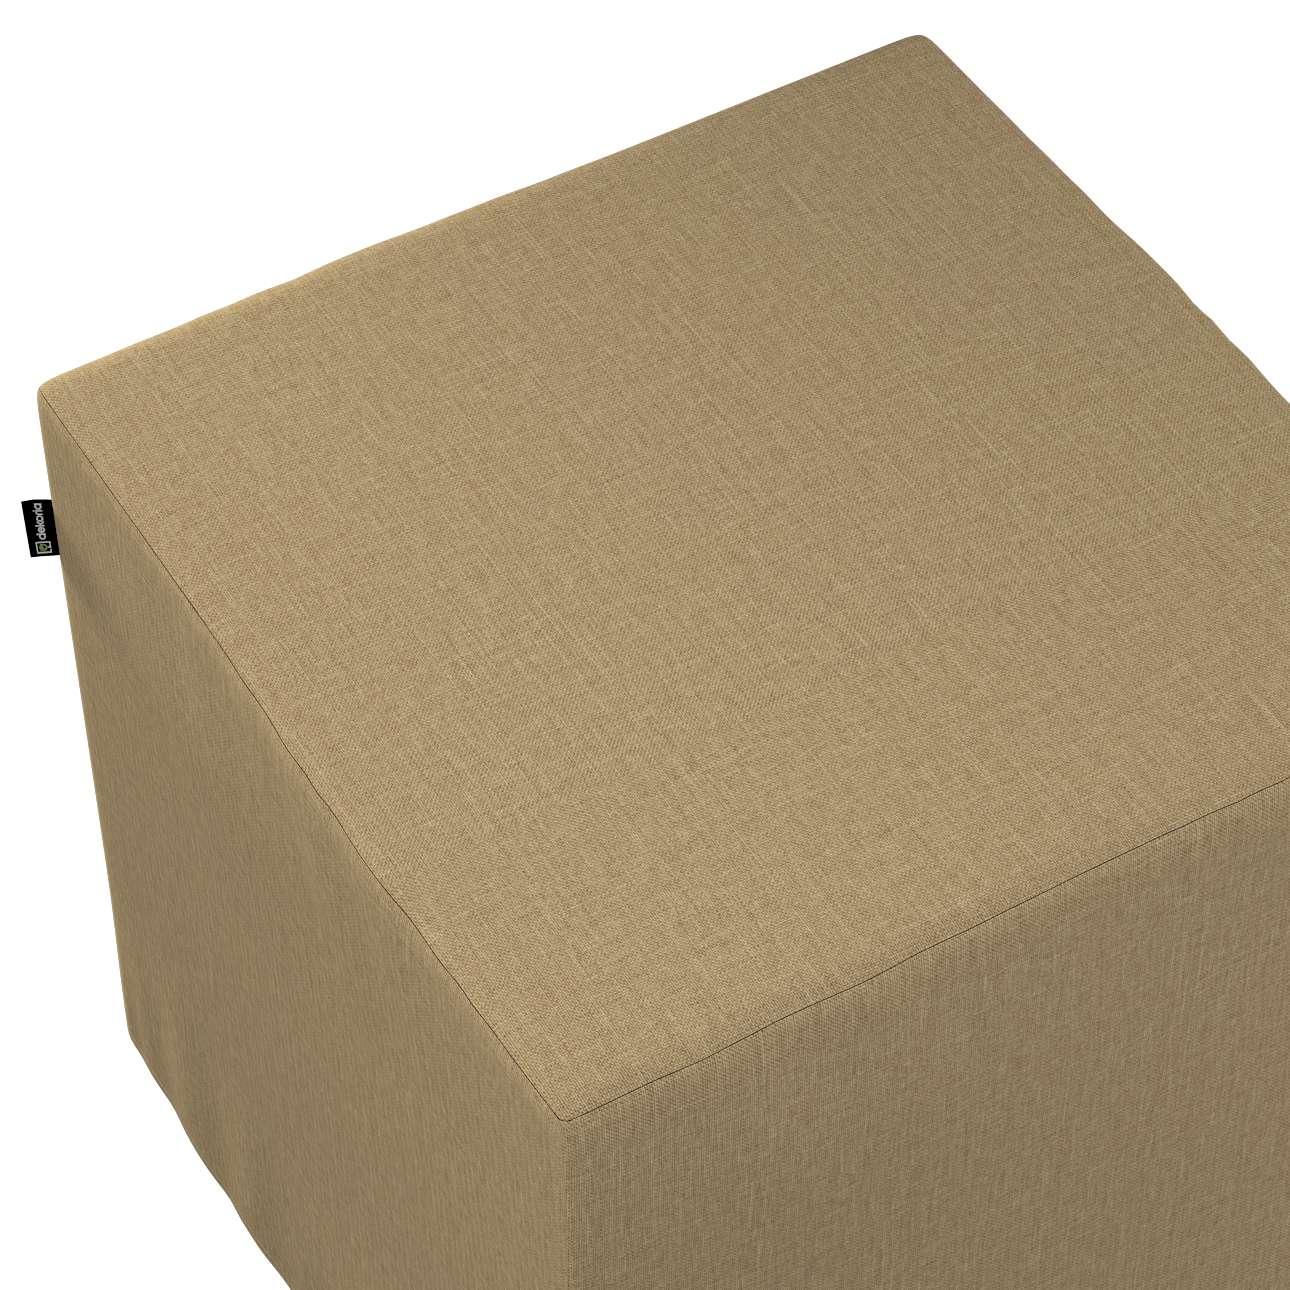 Pokrowiec na pufę kostkę w kolekcji Living, tkanina: 161-50